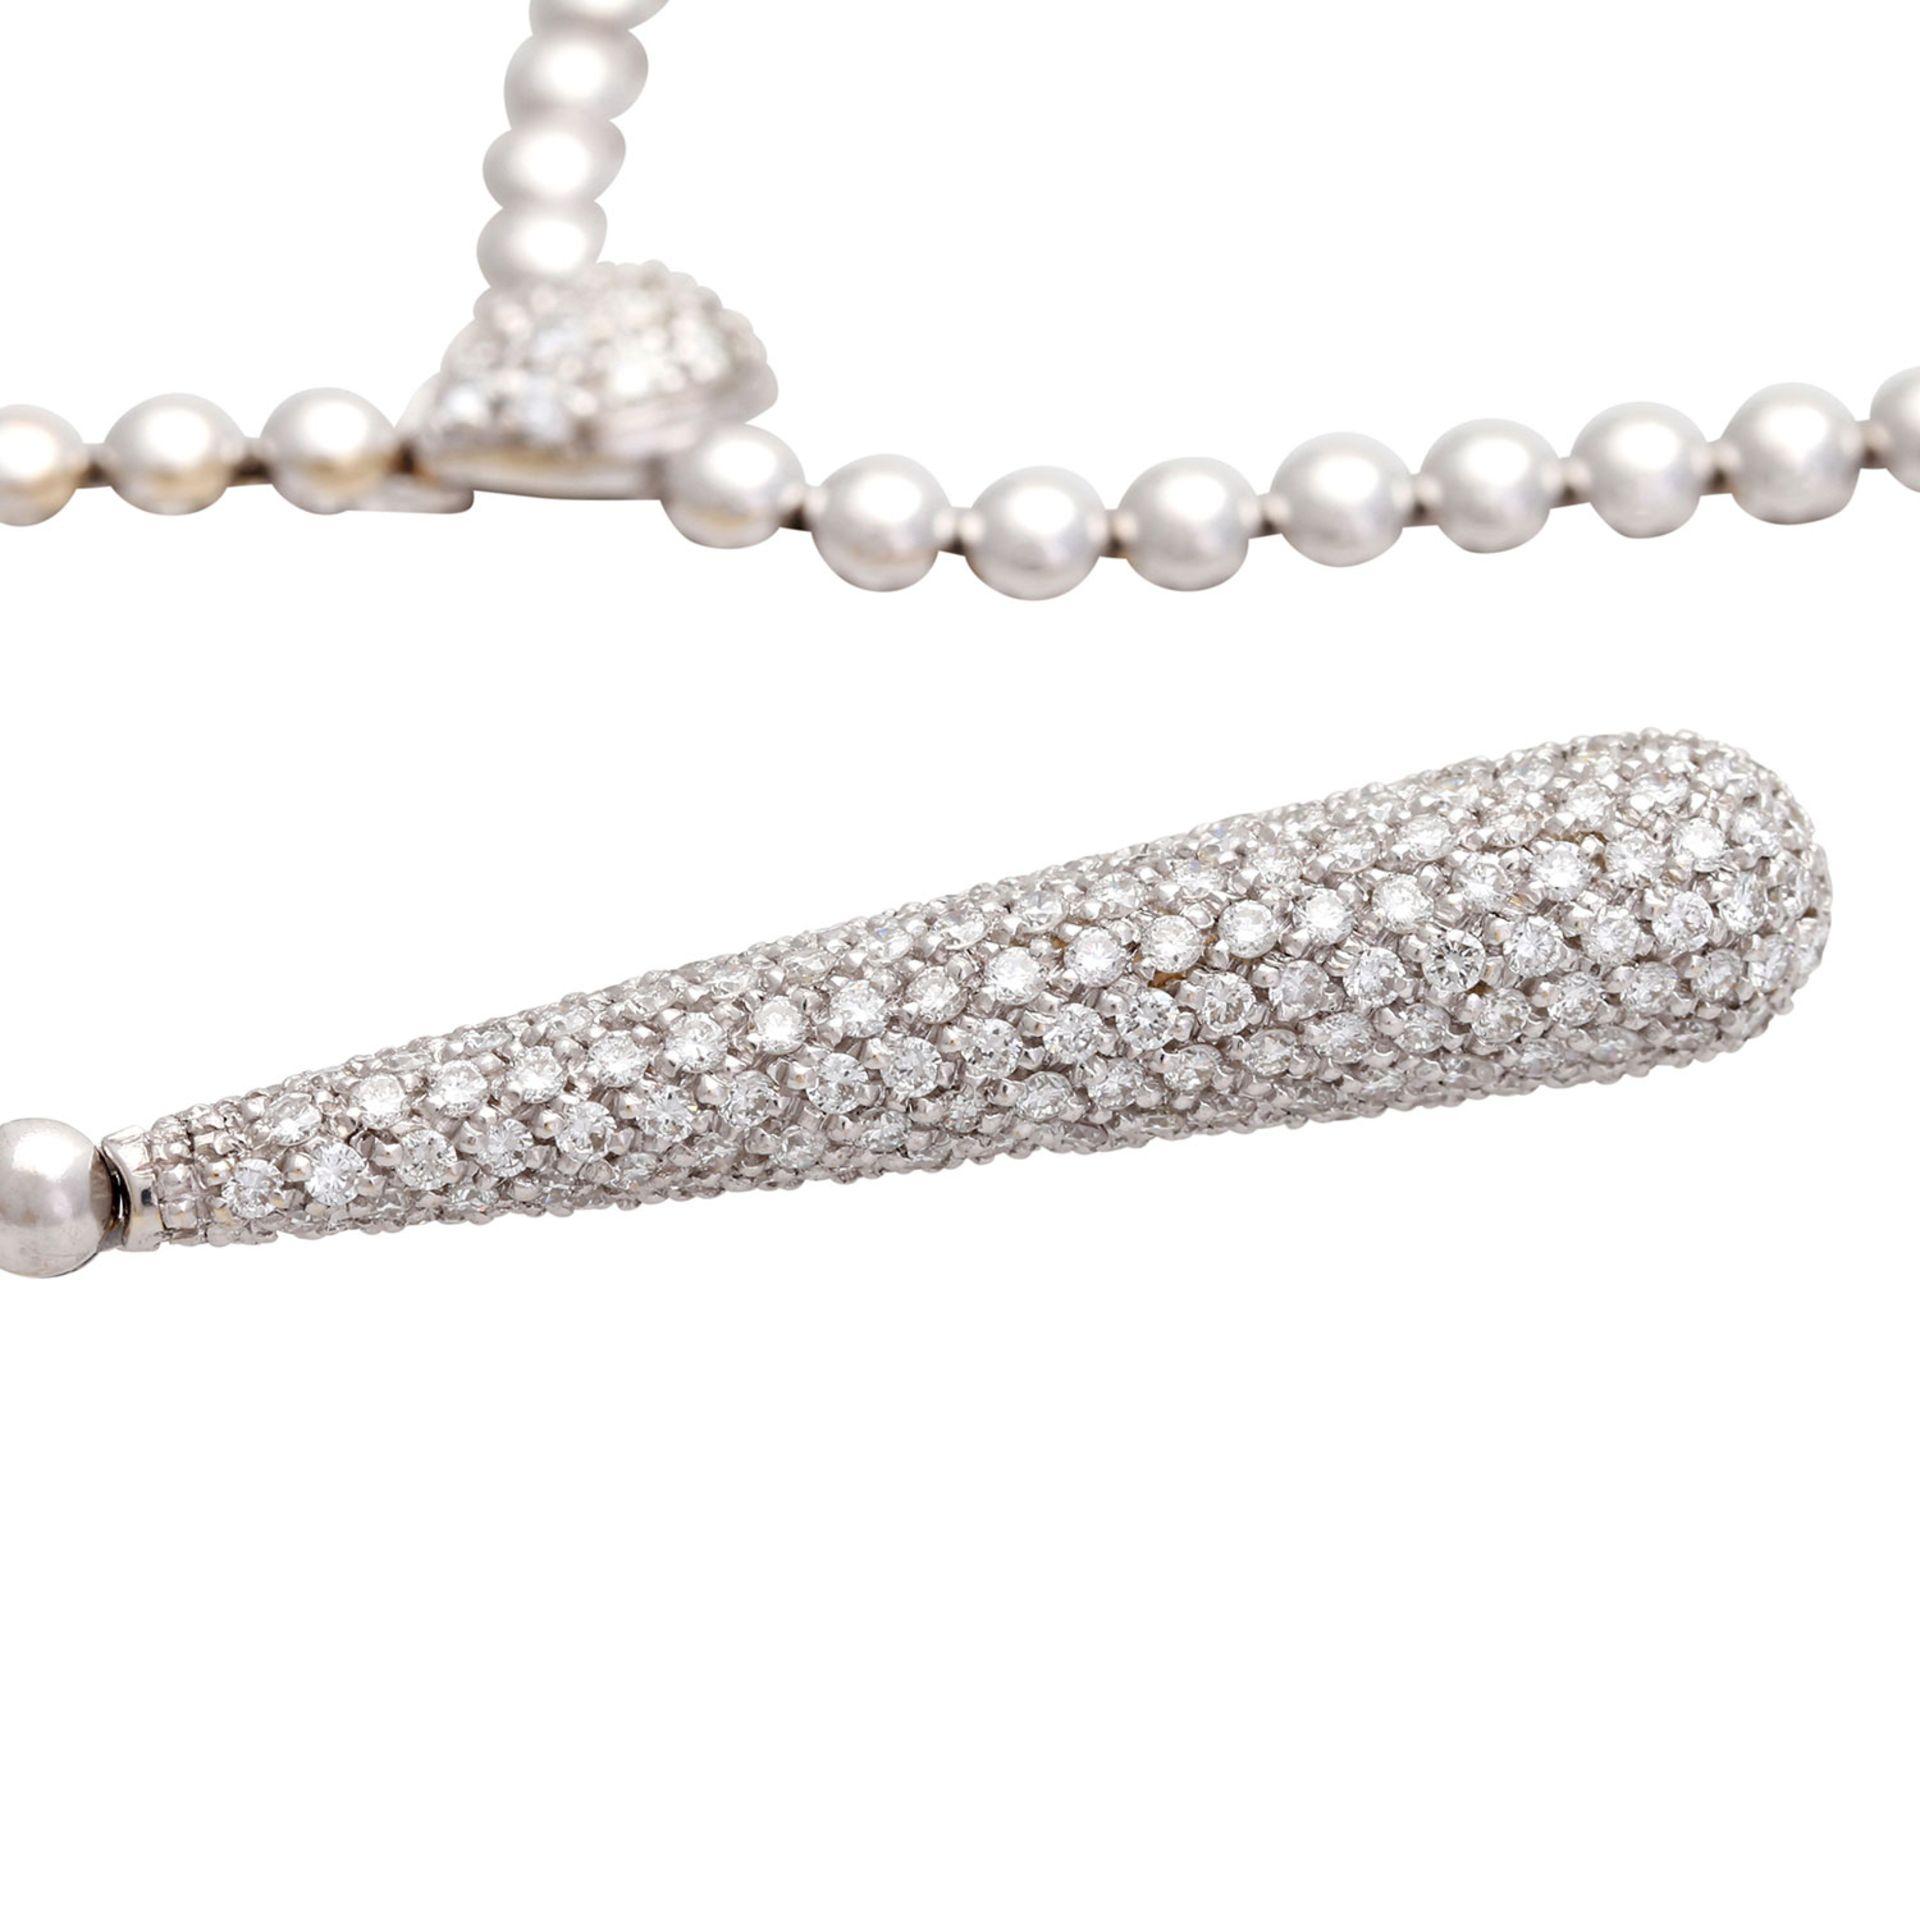 Los 39 - Collier mit Diamantbesatz zus. ca. 1,5 ct LGW / VSI in WG 18, rhodiniert, Mittelteil mit